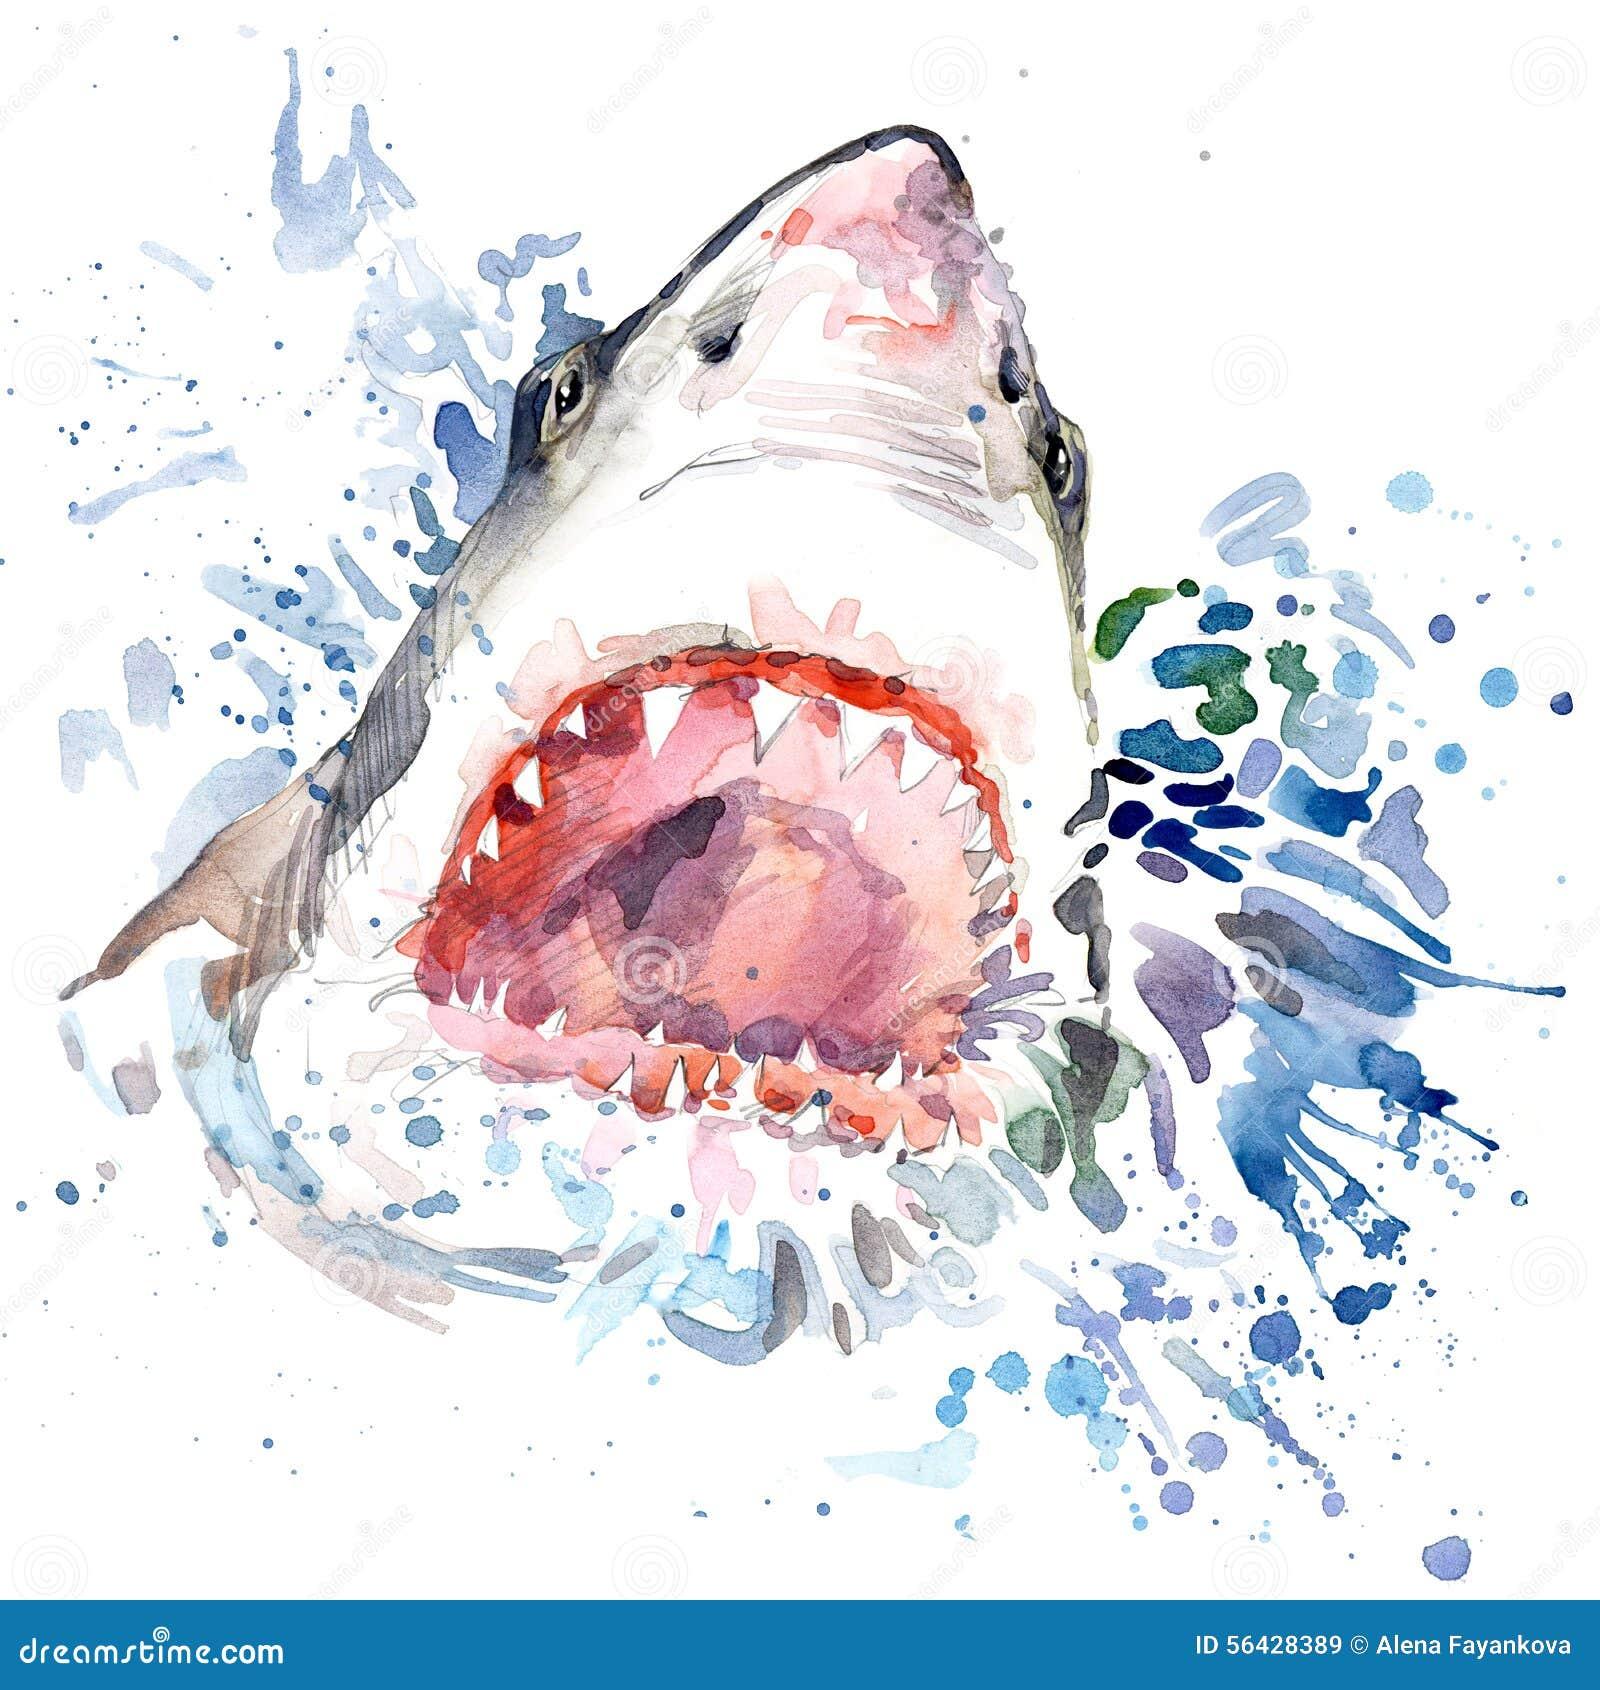 Голодные графики футболки акулы иллюстрация акулы с предпосылкой выплеска текстурированной акварелью необыкновенная повешенная ак